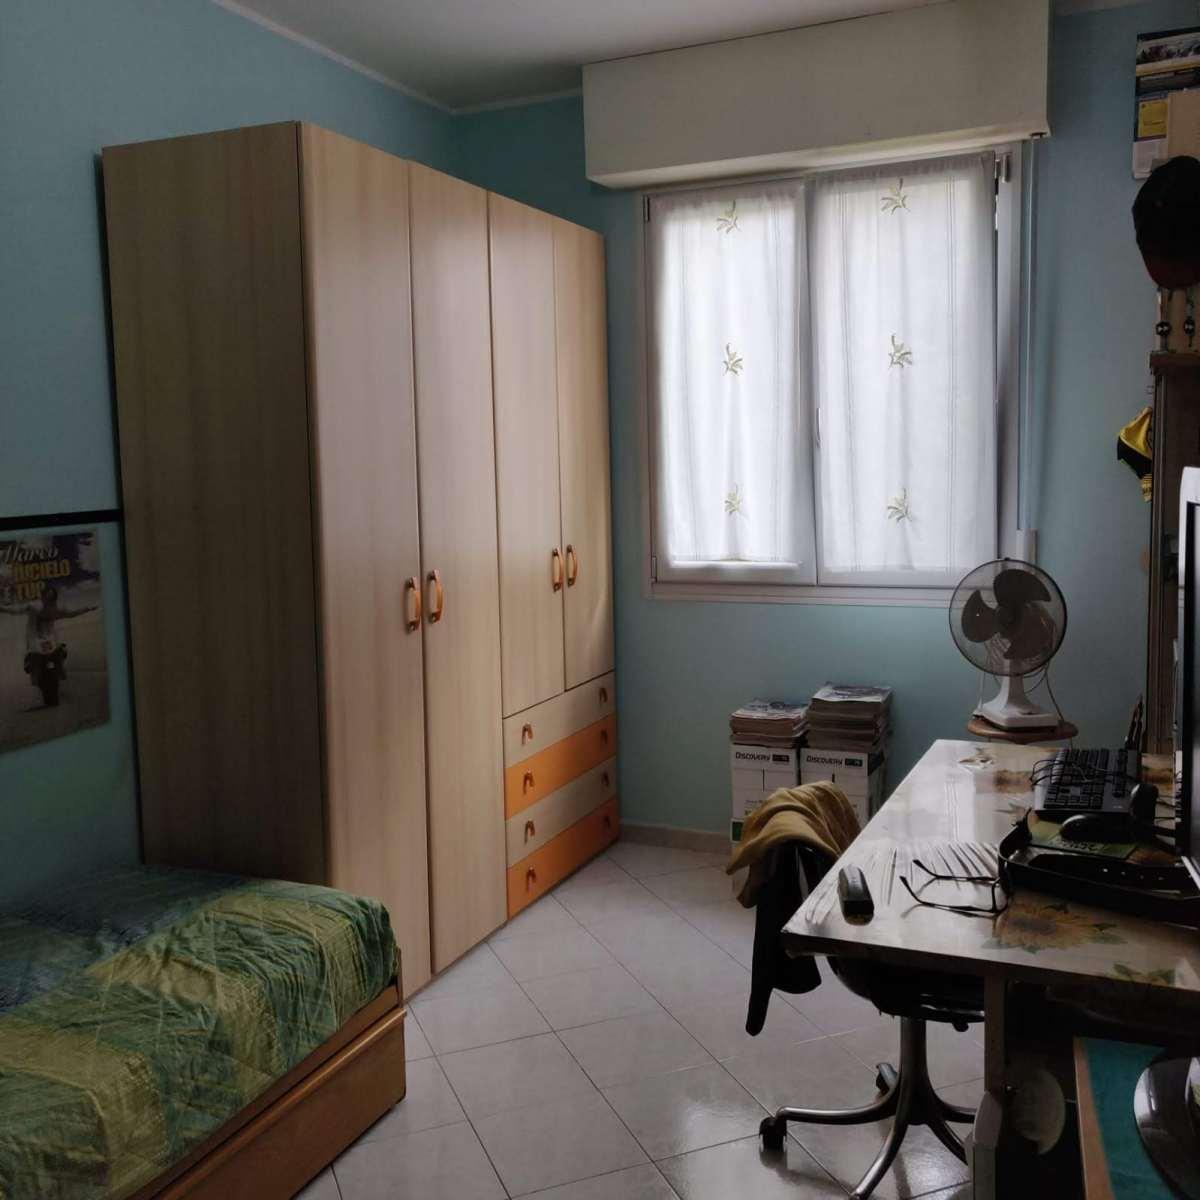 appartamento-in-vendita-milano-quartiere-olmi-milano-baggio-spaziourbano-immobiliare-vende-6